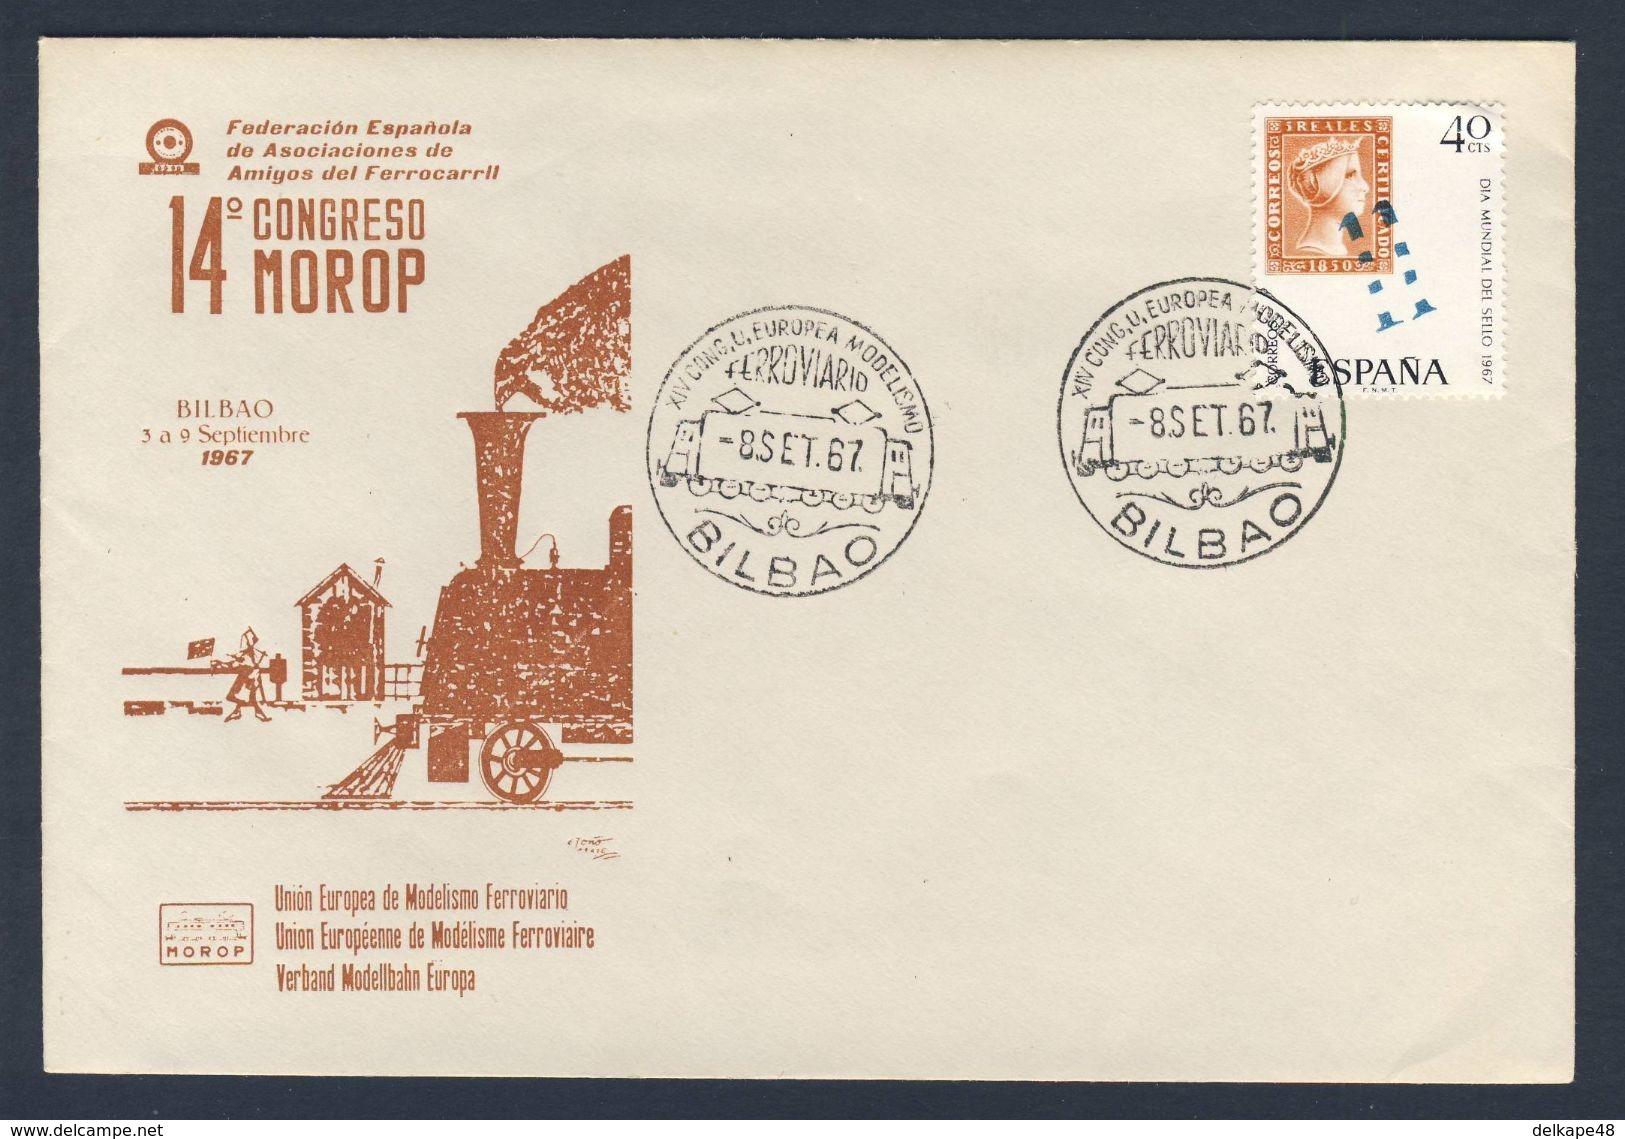 Spain Espana 1967 Cover / Brief / Lettre - XIV Congress  MOROP, 3-9 Set. 1967 Bilbao / Schienenmodellierung - Treinen